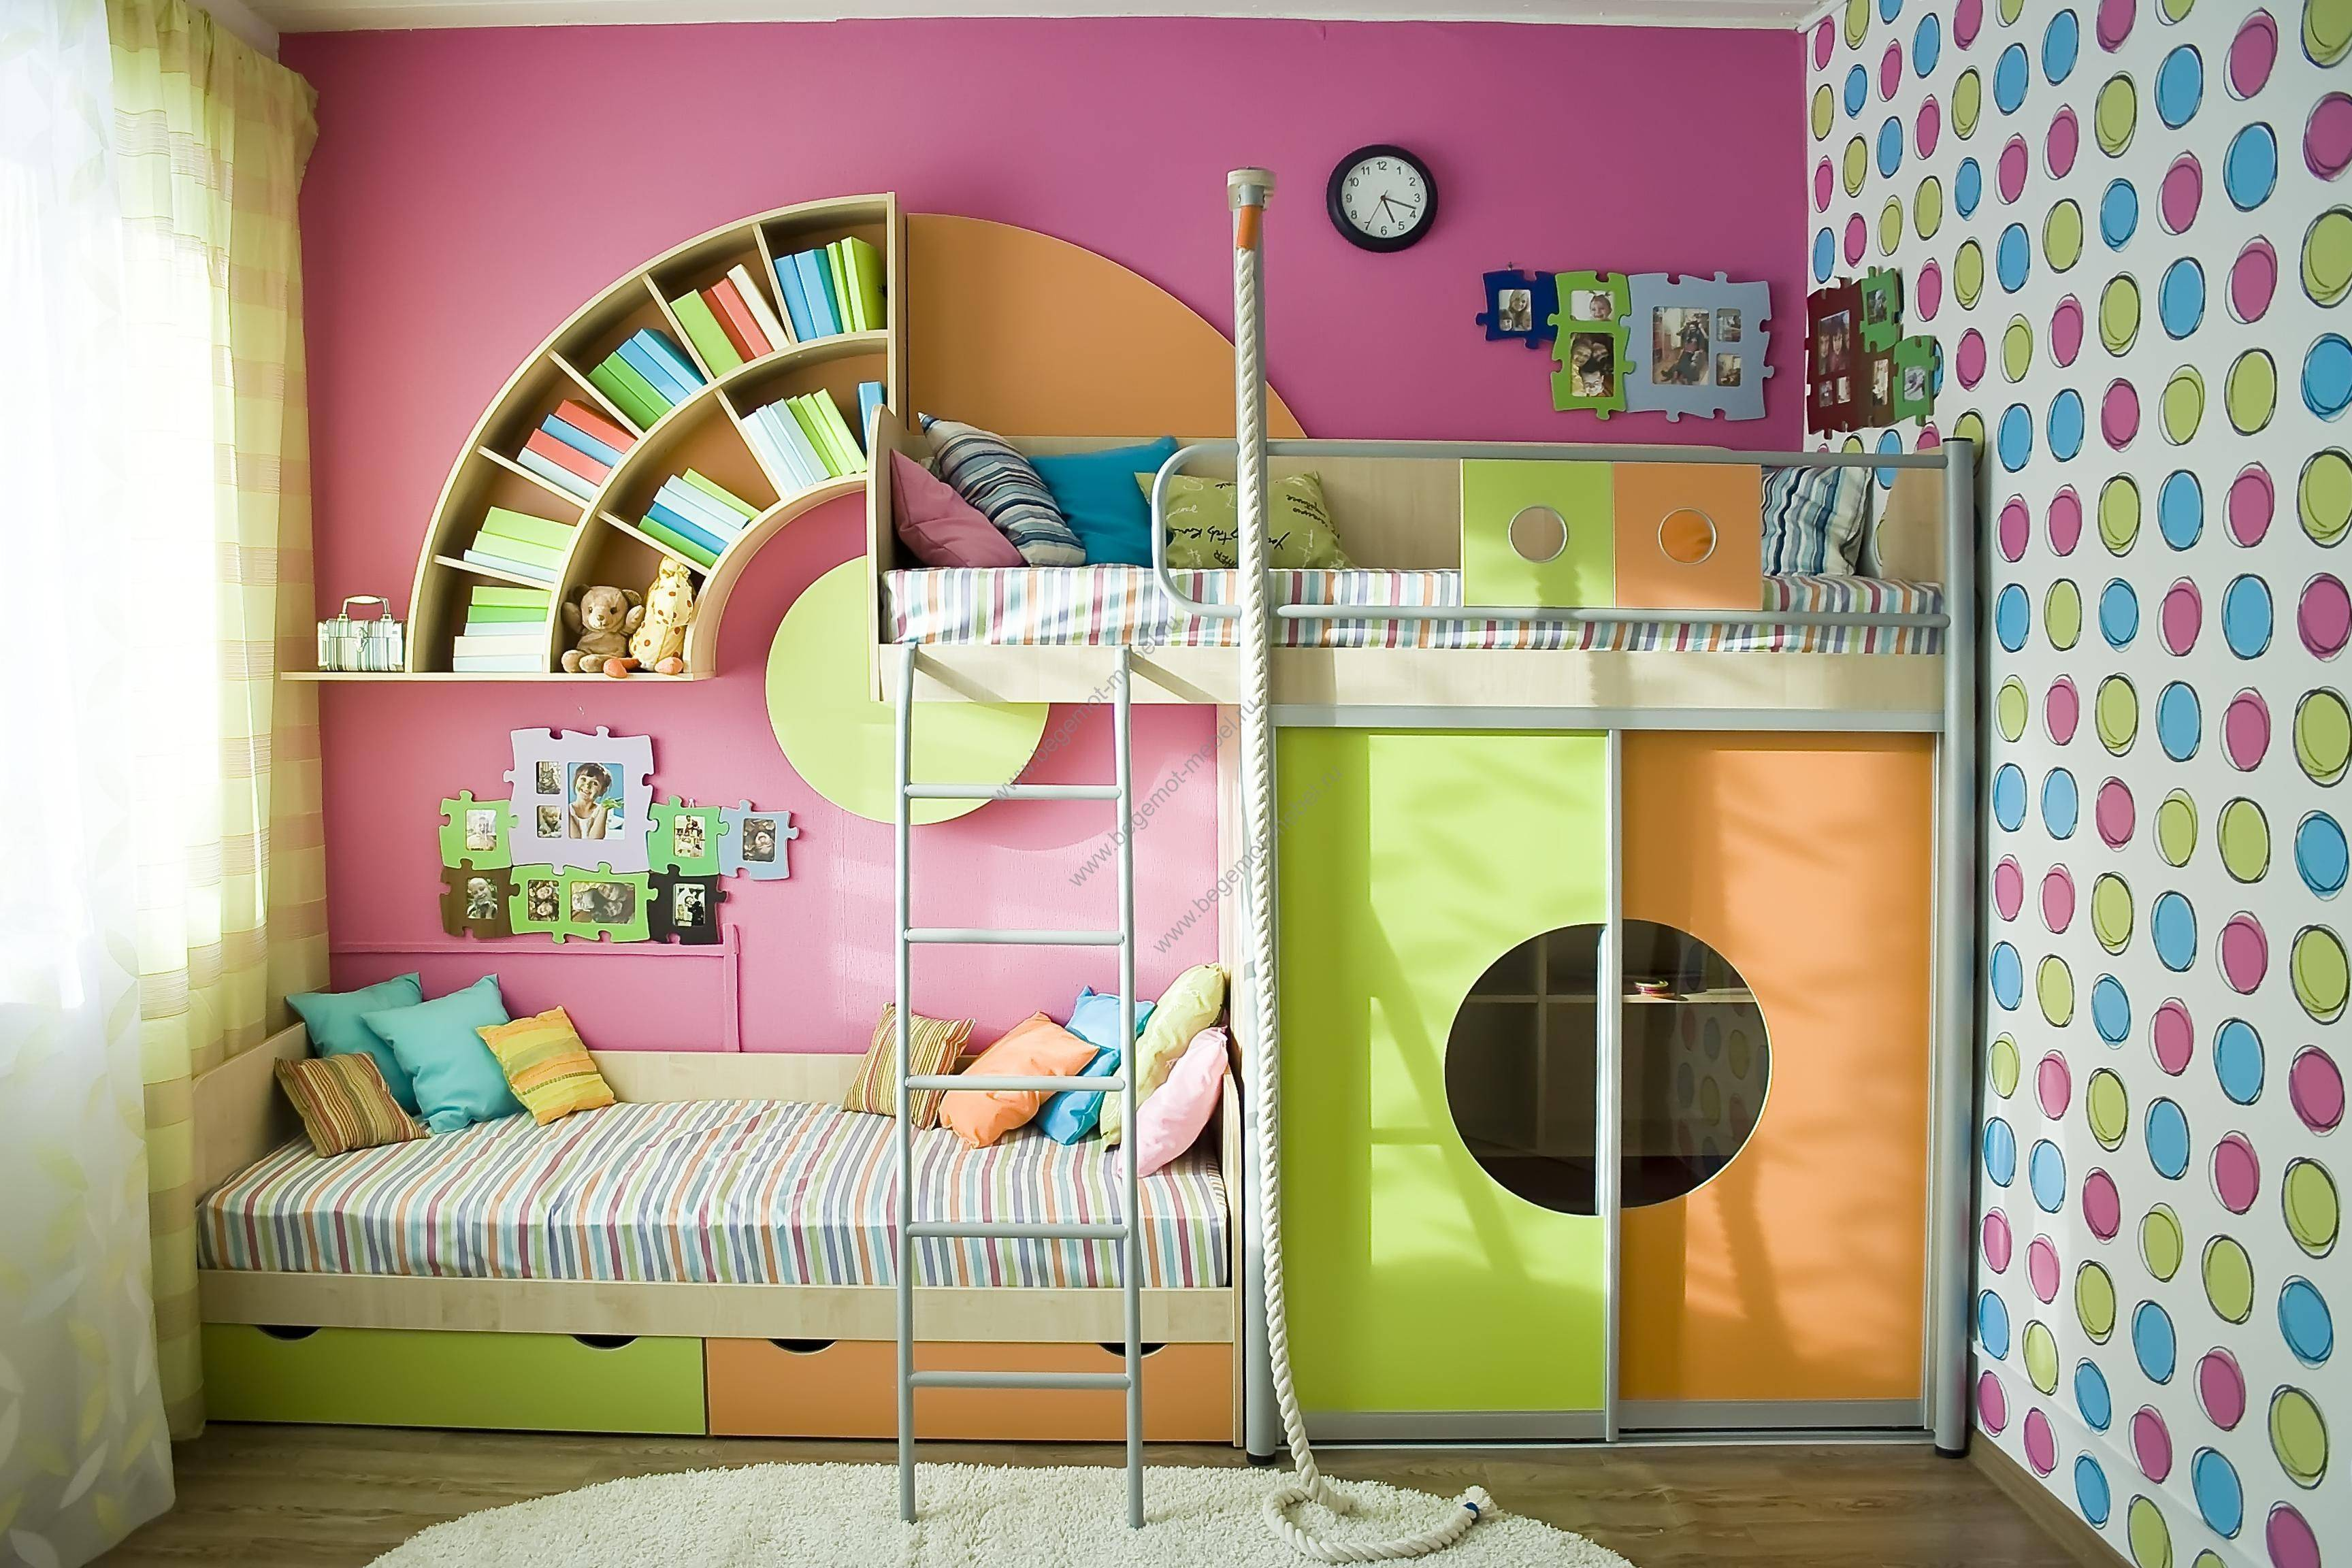 Зонирование комнаты для родителей и ребенка (65 фото) - детская и спальня, гостиная и детская в одной комнате